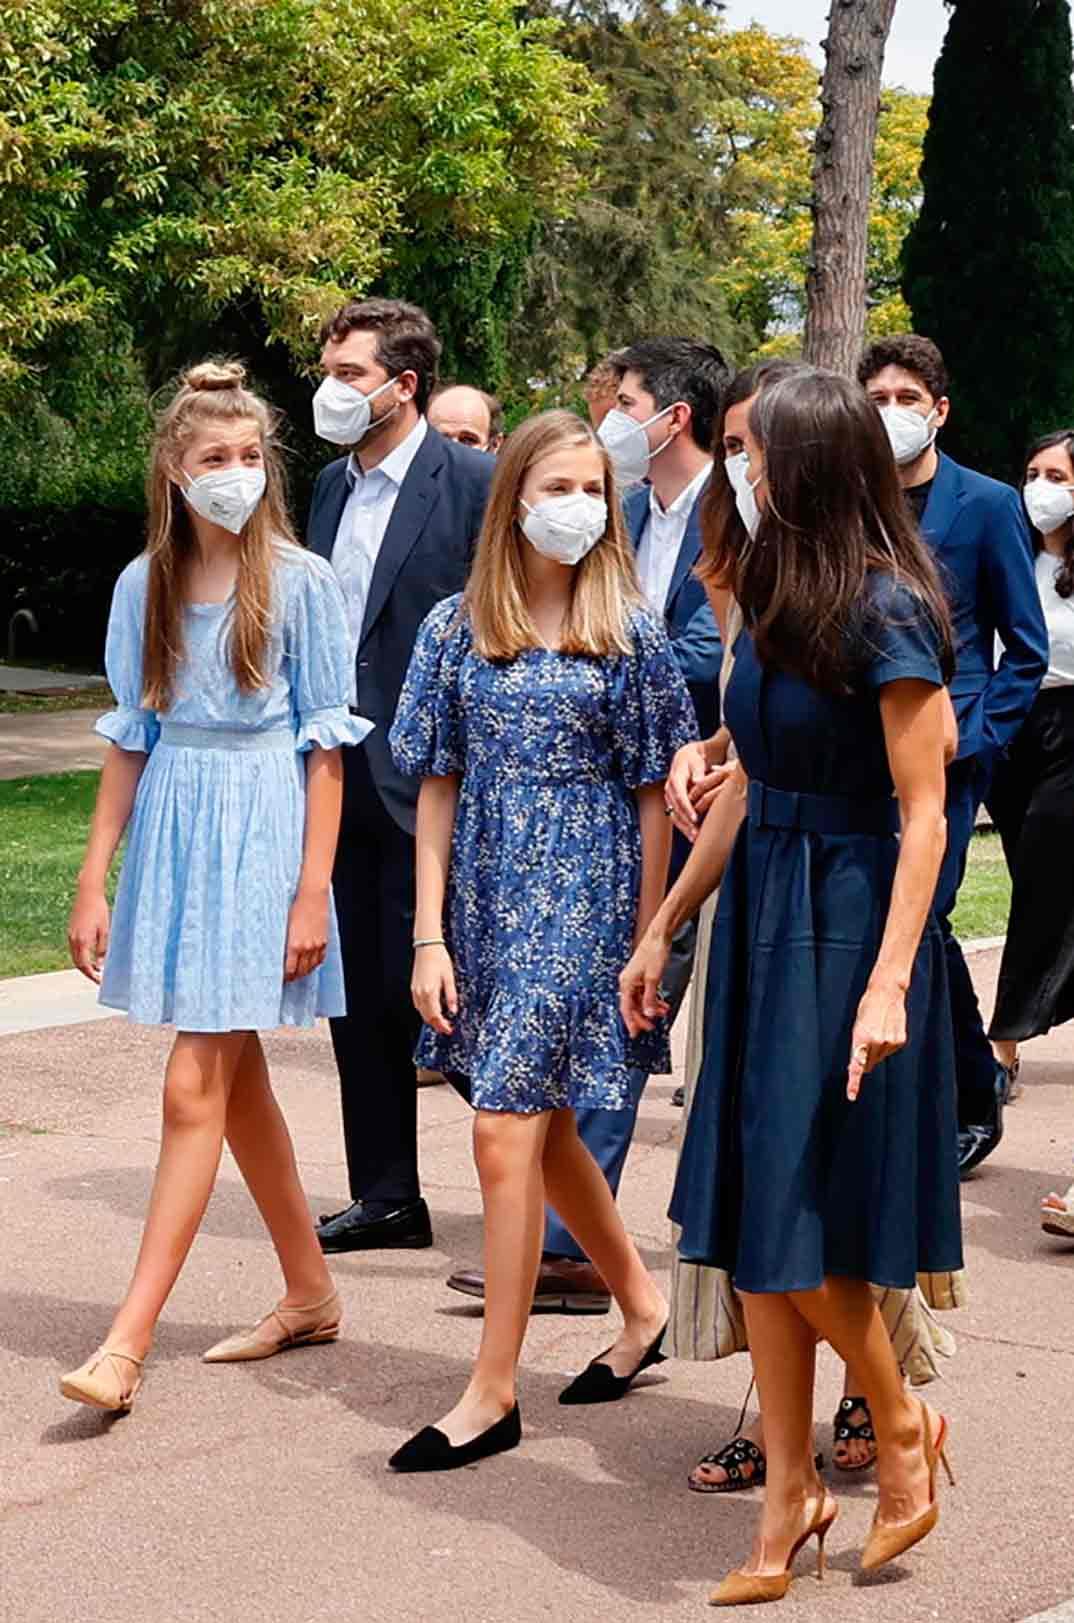 Reyes Felipe y Letizia con la Princesa Leonor e Infanta Sofía - Premios Princesa Girona © Casa Real SM El Rey